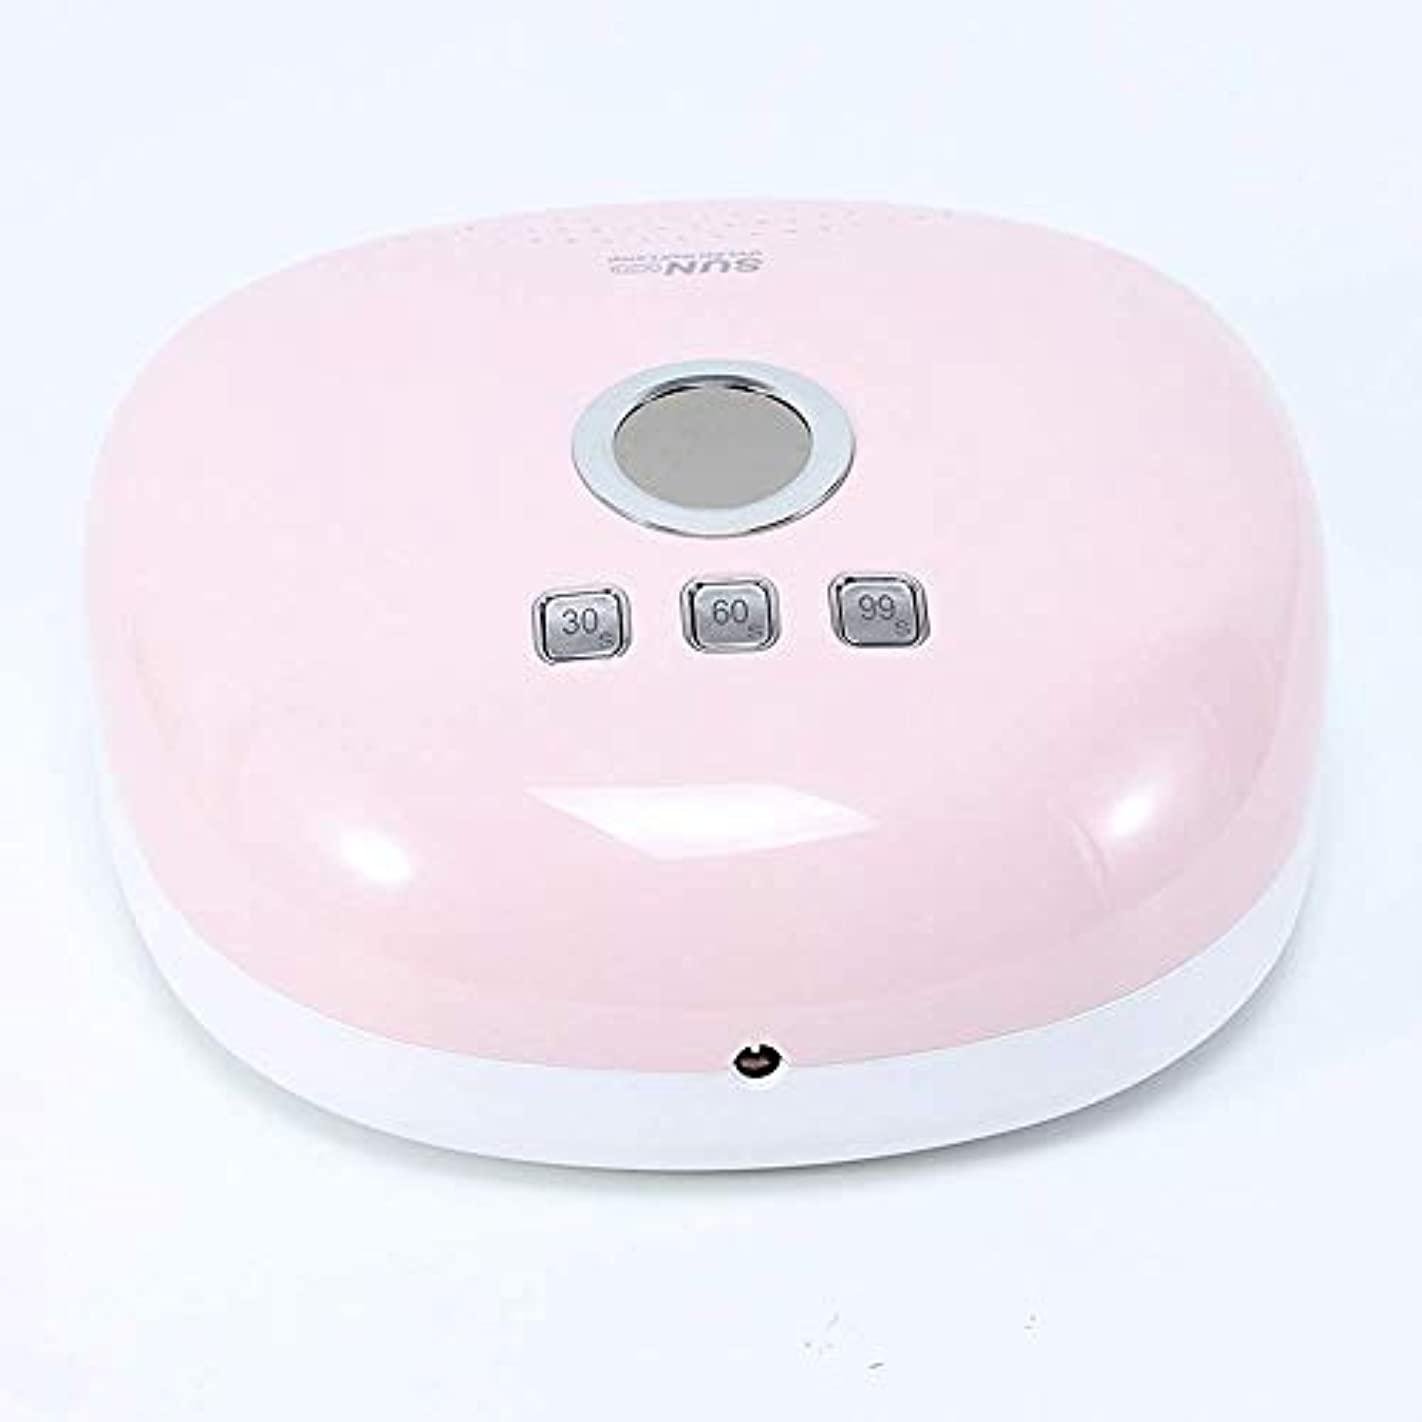 暴力壁無意味48ワットUVネイルドライヤー、LEDディスプレイスマート赤外線誘導大空間速乾性痛みのない24個のデュアルランプ付きビーズランプ、ピンク (Color : Pink)